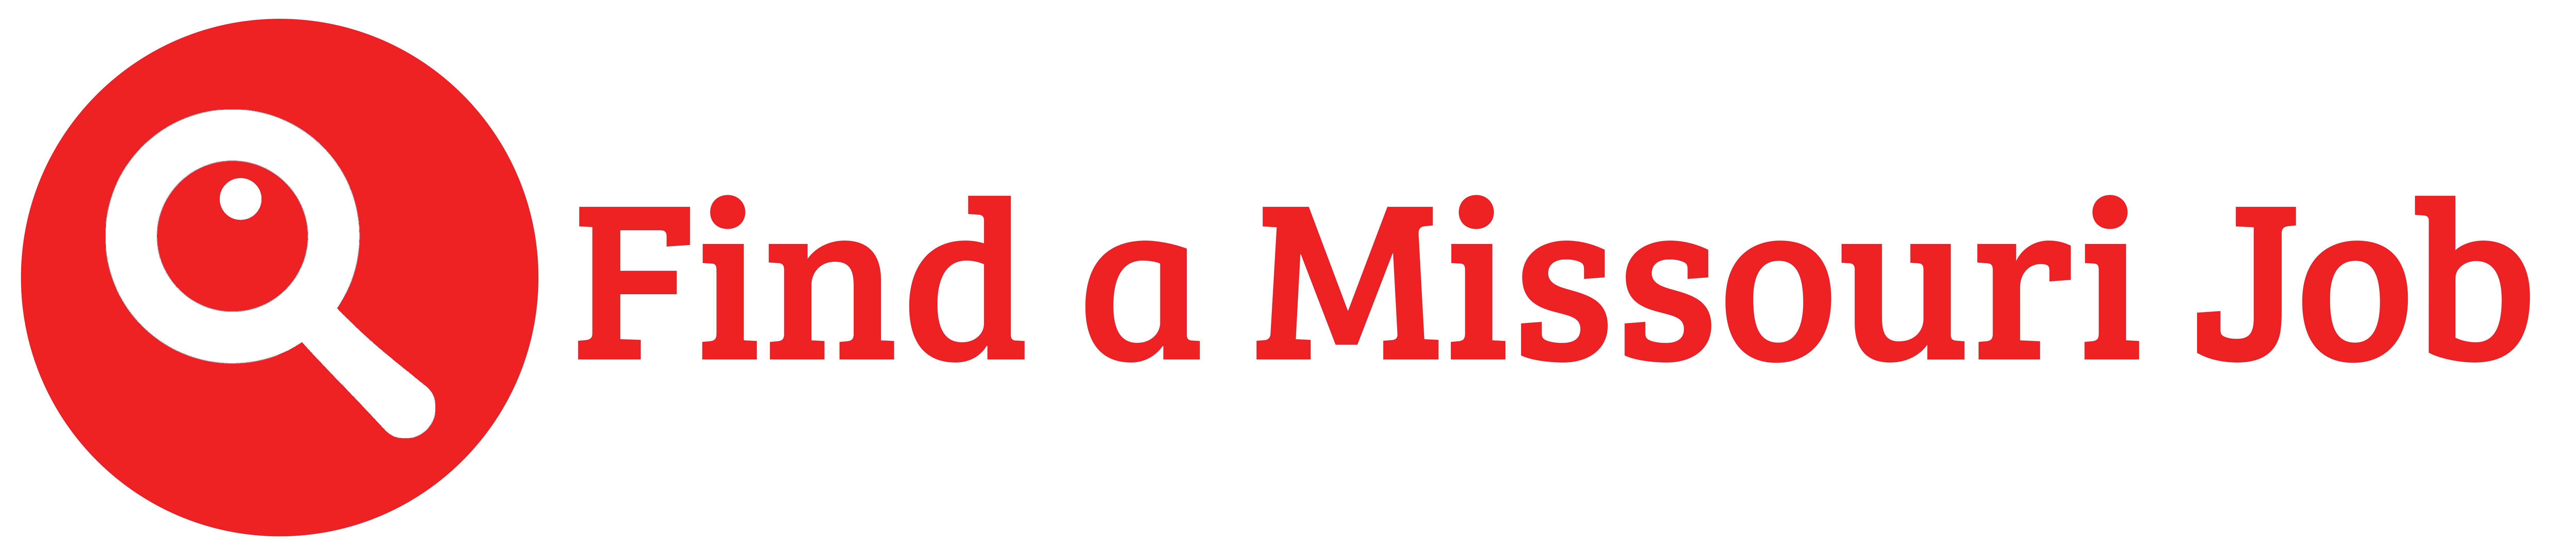 Find a Missouri Job